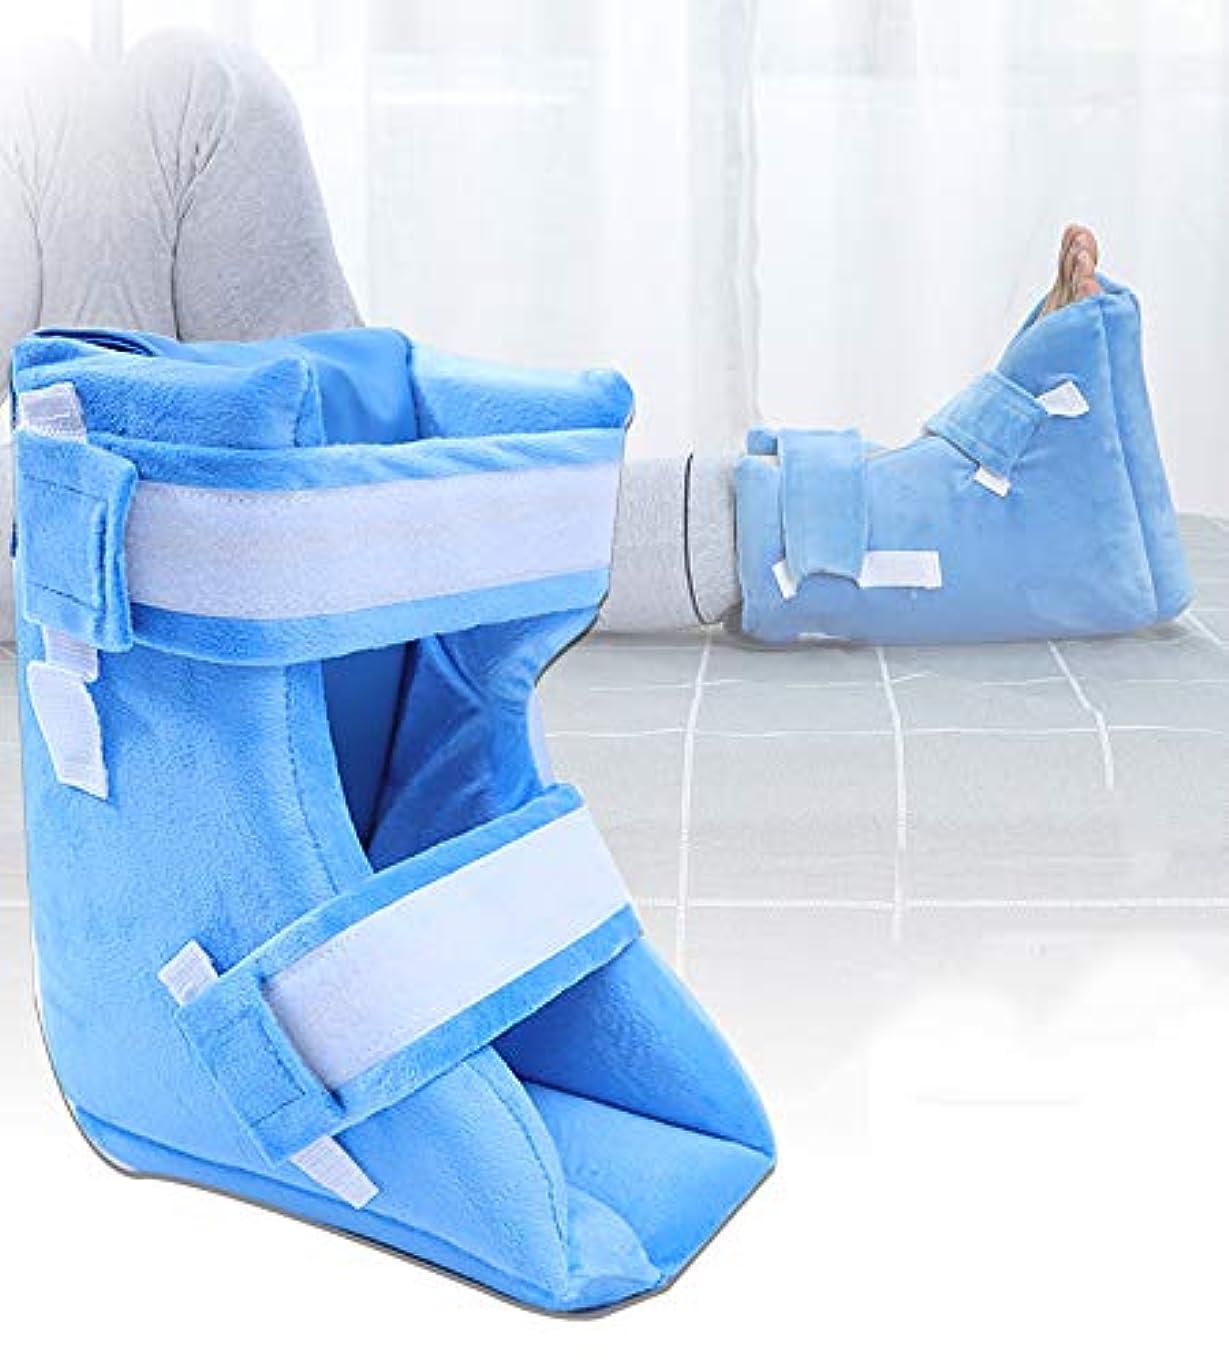 通気性のスポンジを充填した足の枕のかかとのクッションプロテクター - 褥瘡&かかとの潰瘍の軽減のためのかかと&足の保護,1Pcs